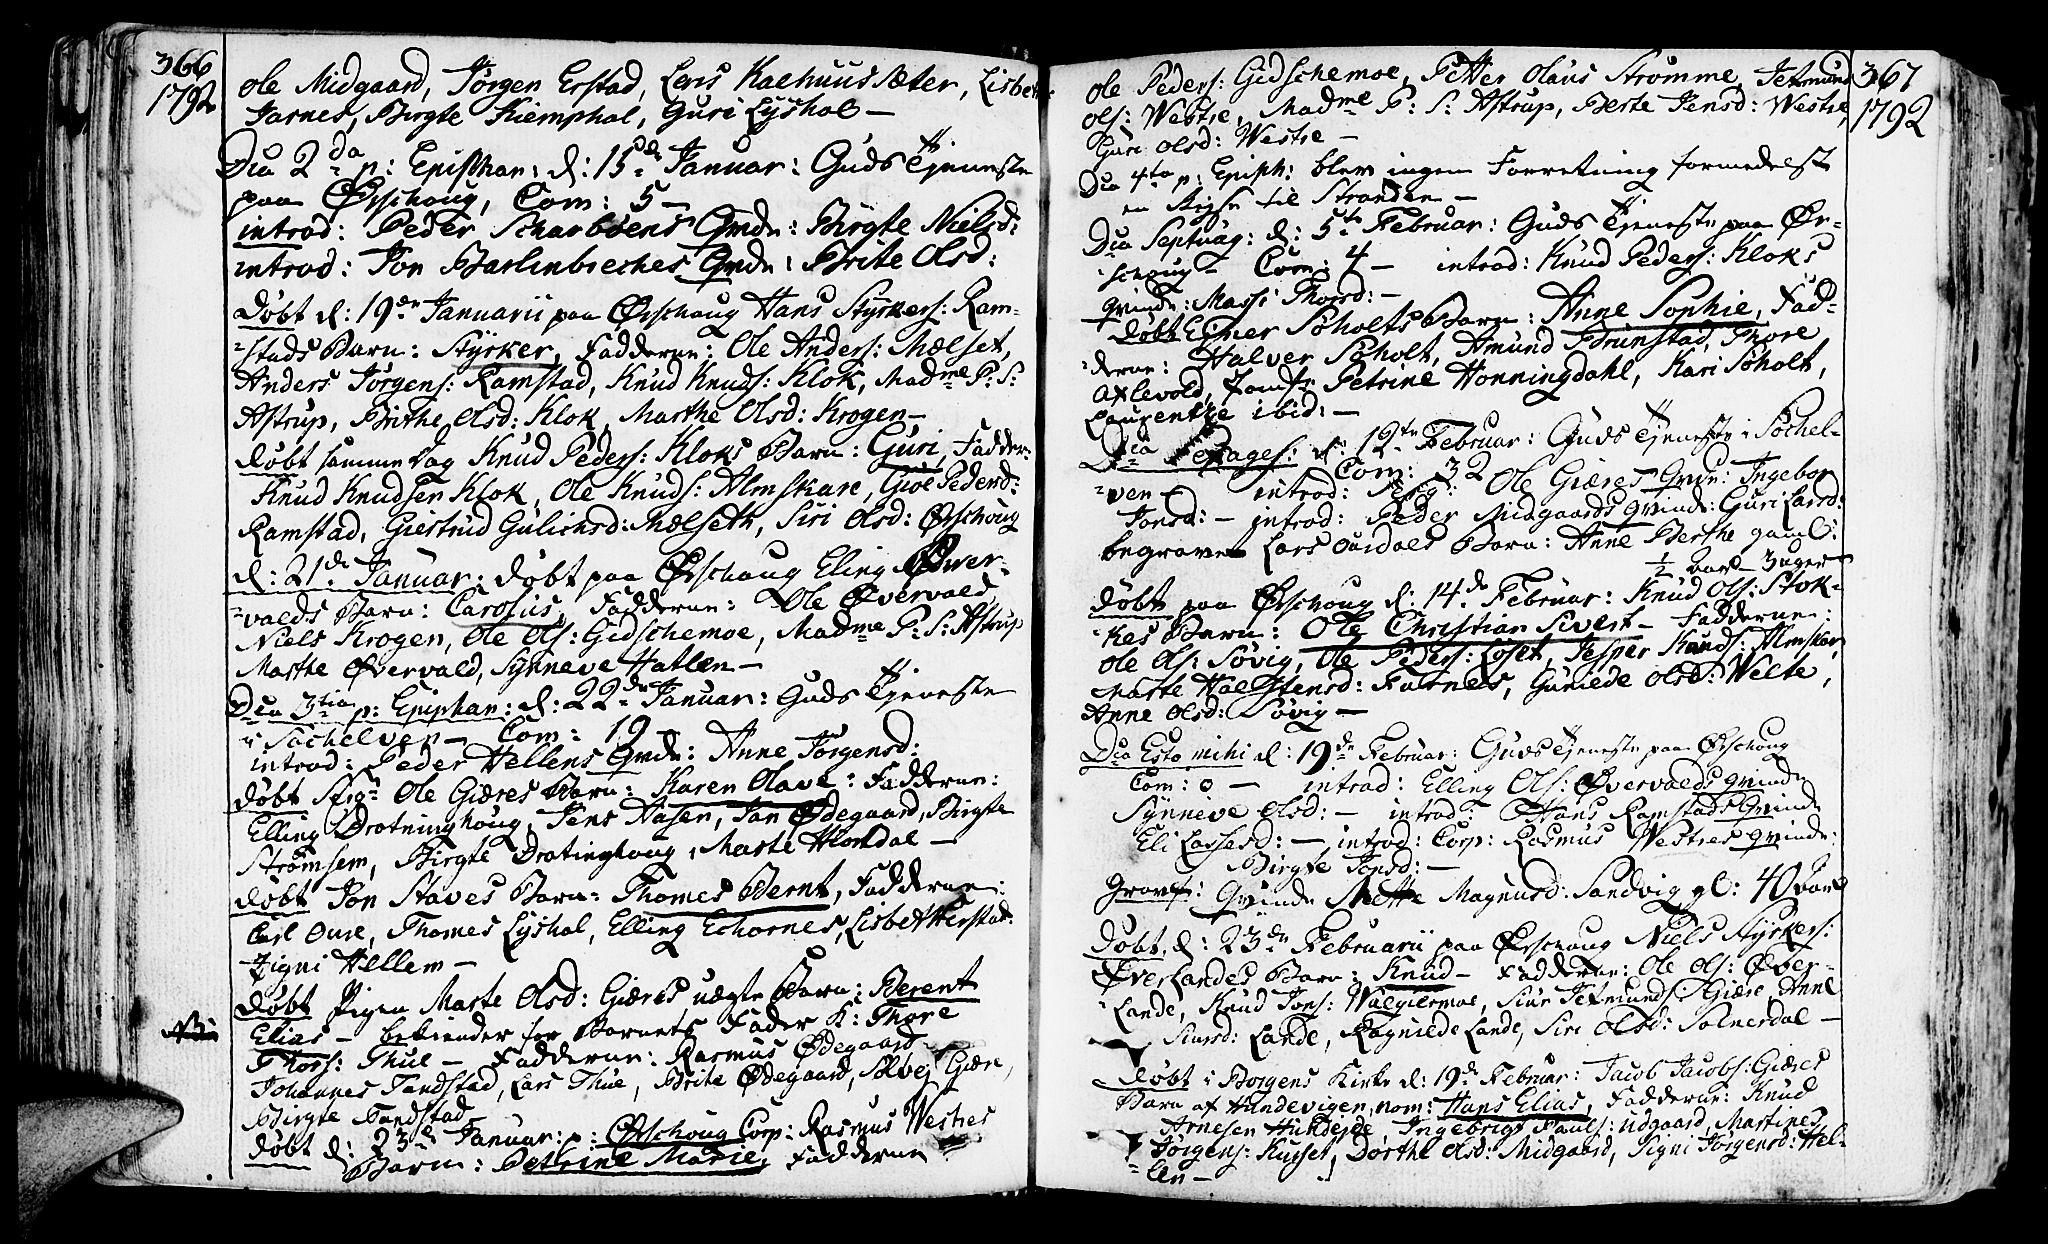 SAT, Ministerialprotokoller, klokkerbøker og fødselsregistre - Møre og Romsdal, 522/L0308: Ministerialbok nr. 522A03, 1773-1809, s. 366-367